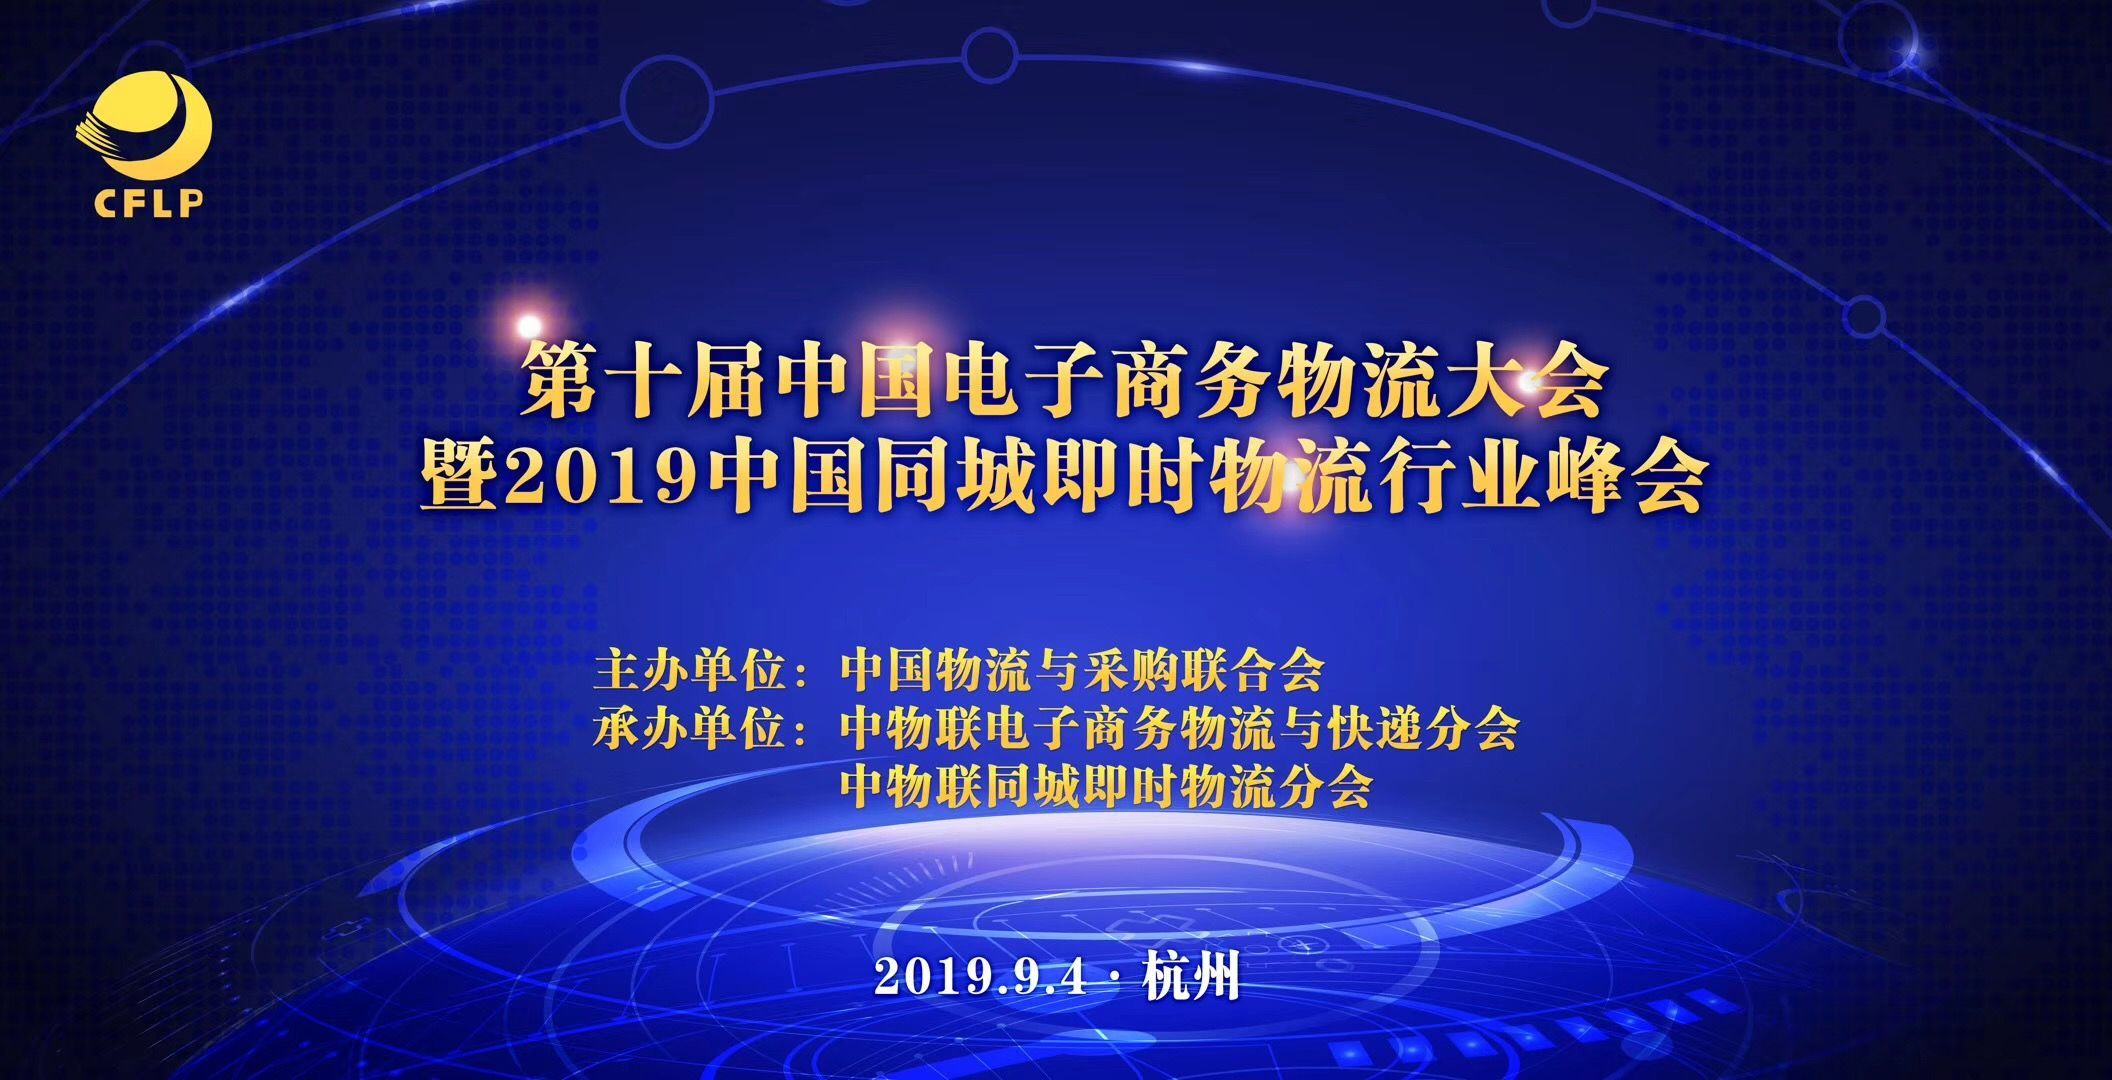 9月4日·杭州 | 第十屆中國電子商務物流大會暨2019中國同城即時物流行業峰會